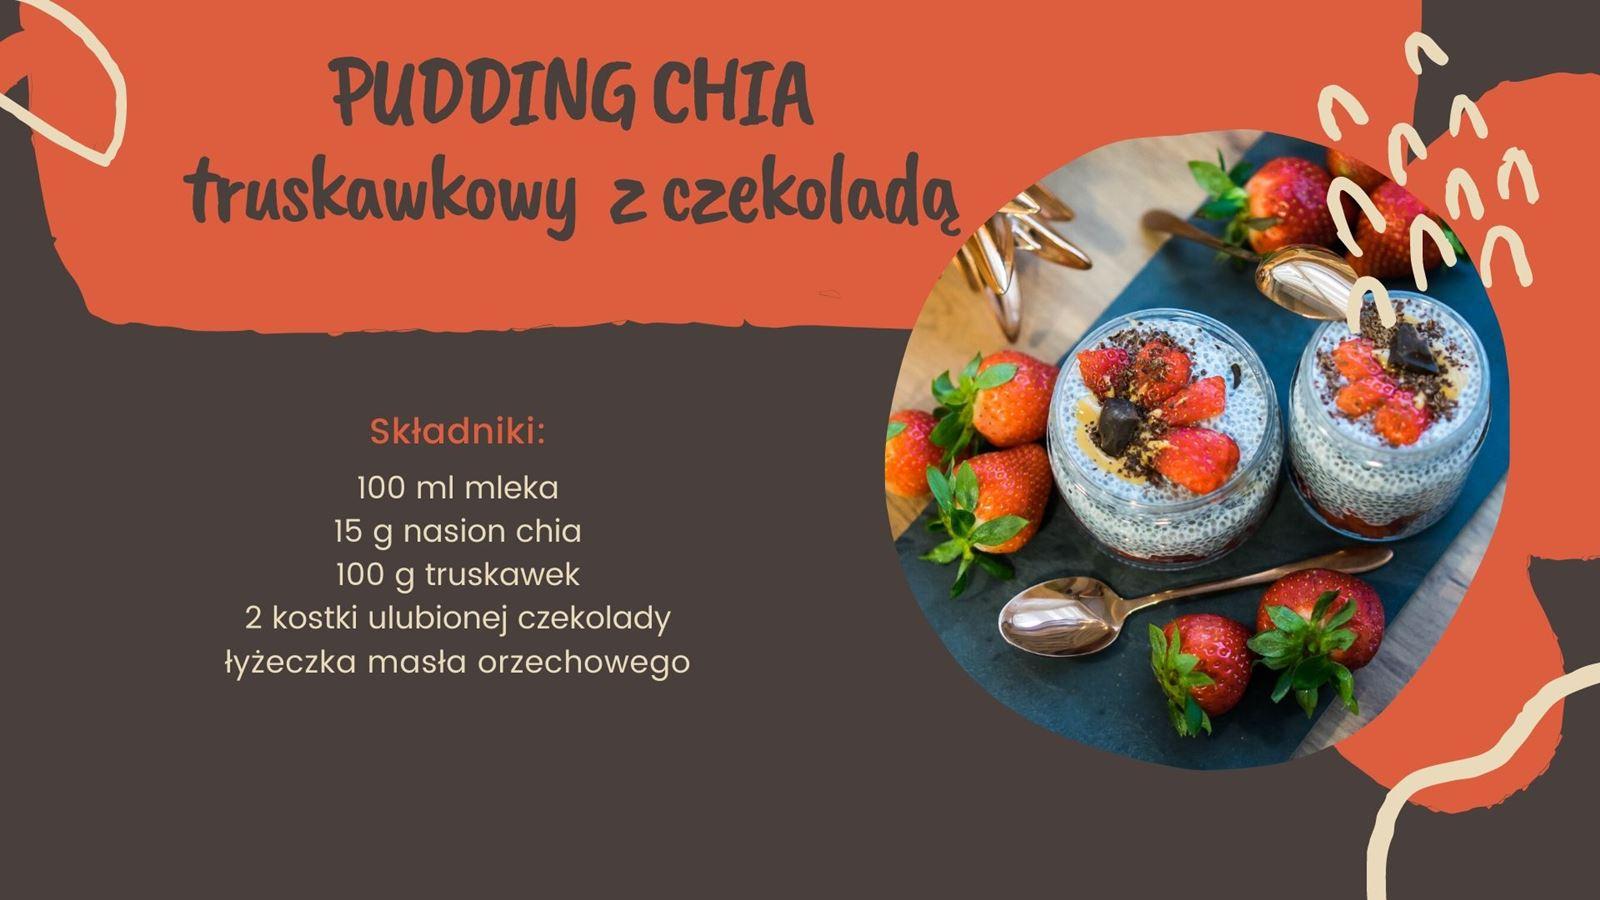 9 jak zrobić zdrowy i szybki deser z nasionami chia pudding chia przepis jak przygotować z truskawkami, pomysł na łatwy deser na sniadanie how make easy health pudding chia receipes